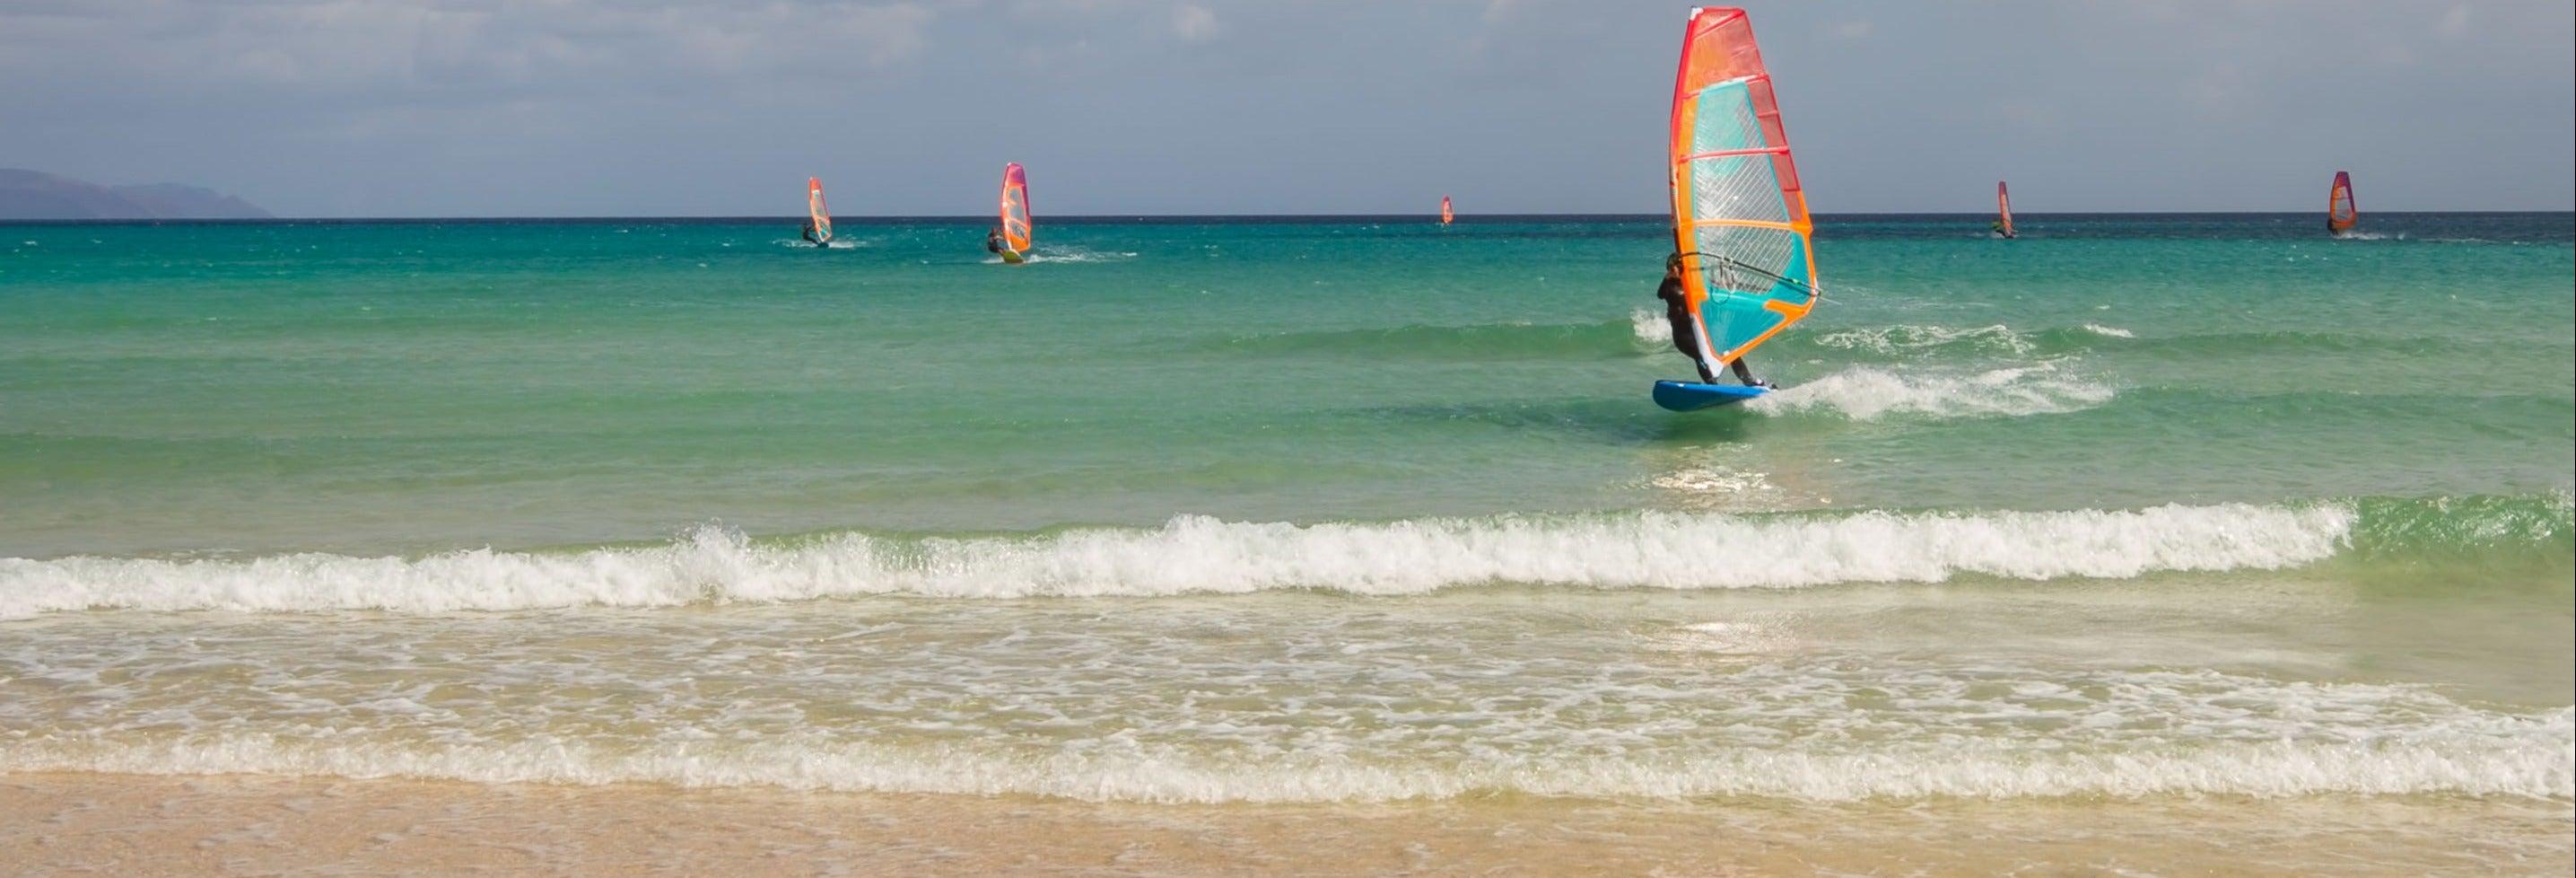 Curso de windsurf para principiantes en Costa Calma